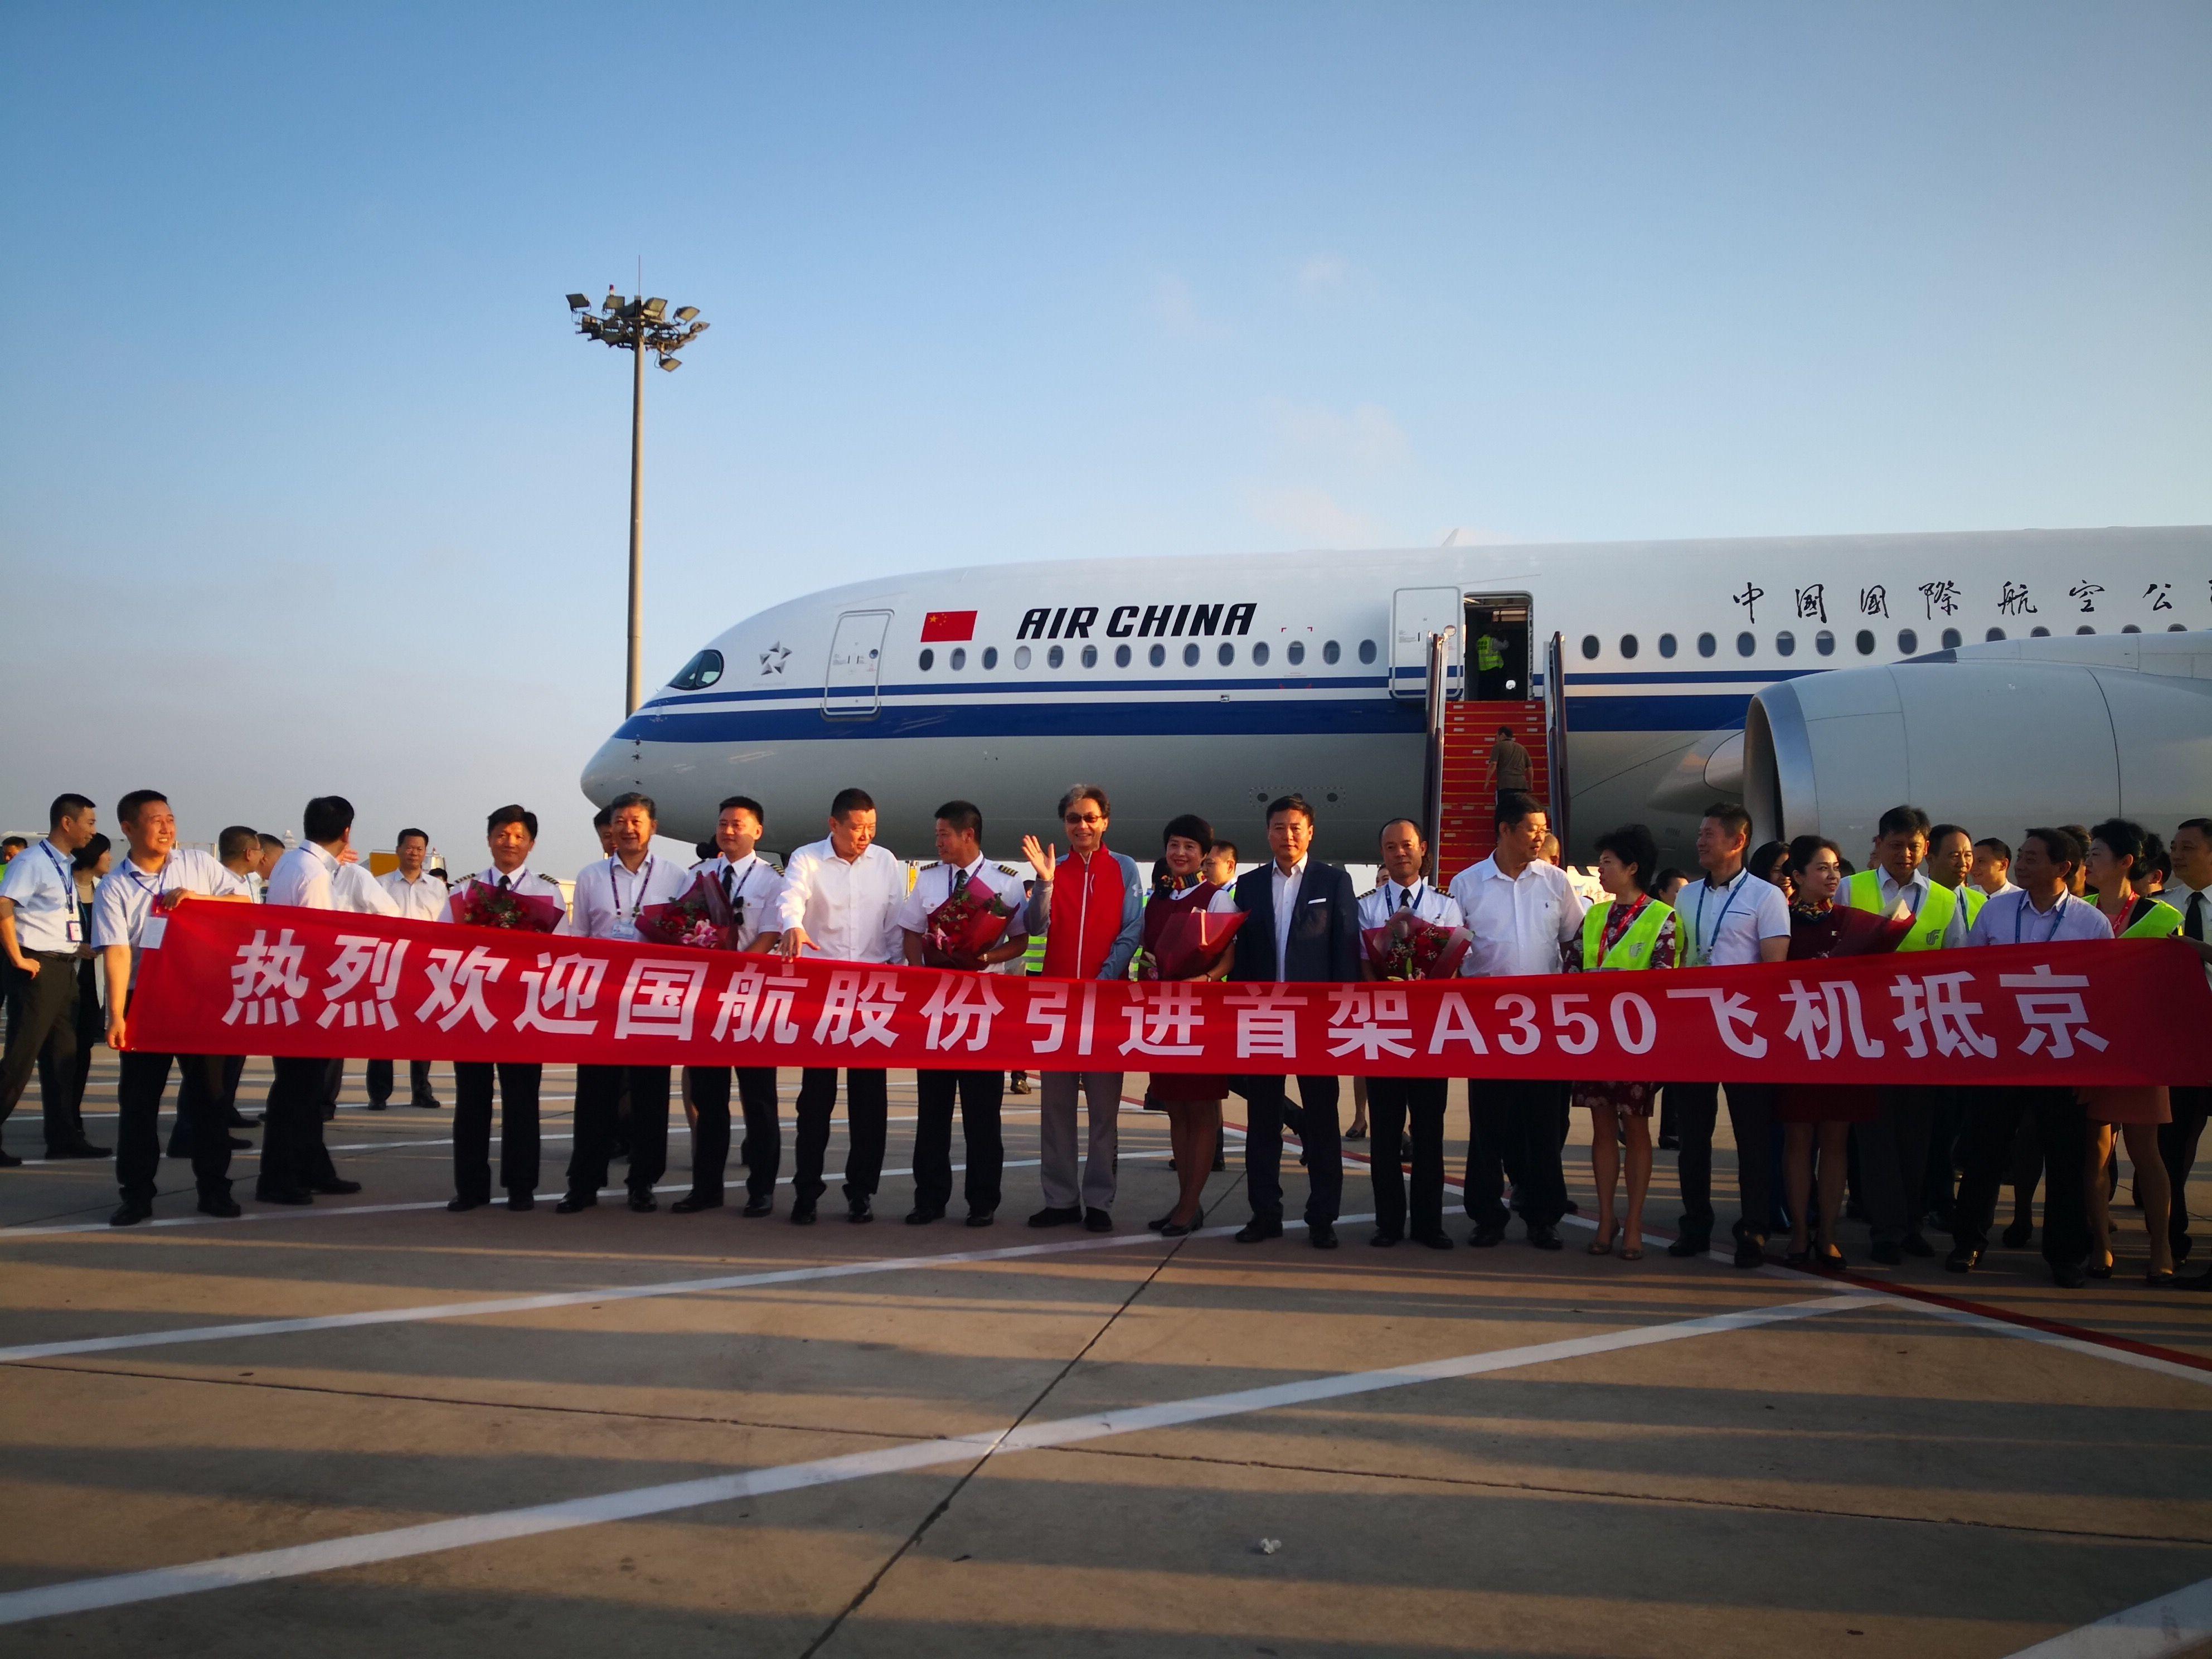 到家啦!国航首架A350客机落地首都机场